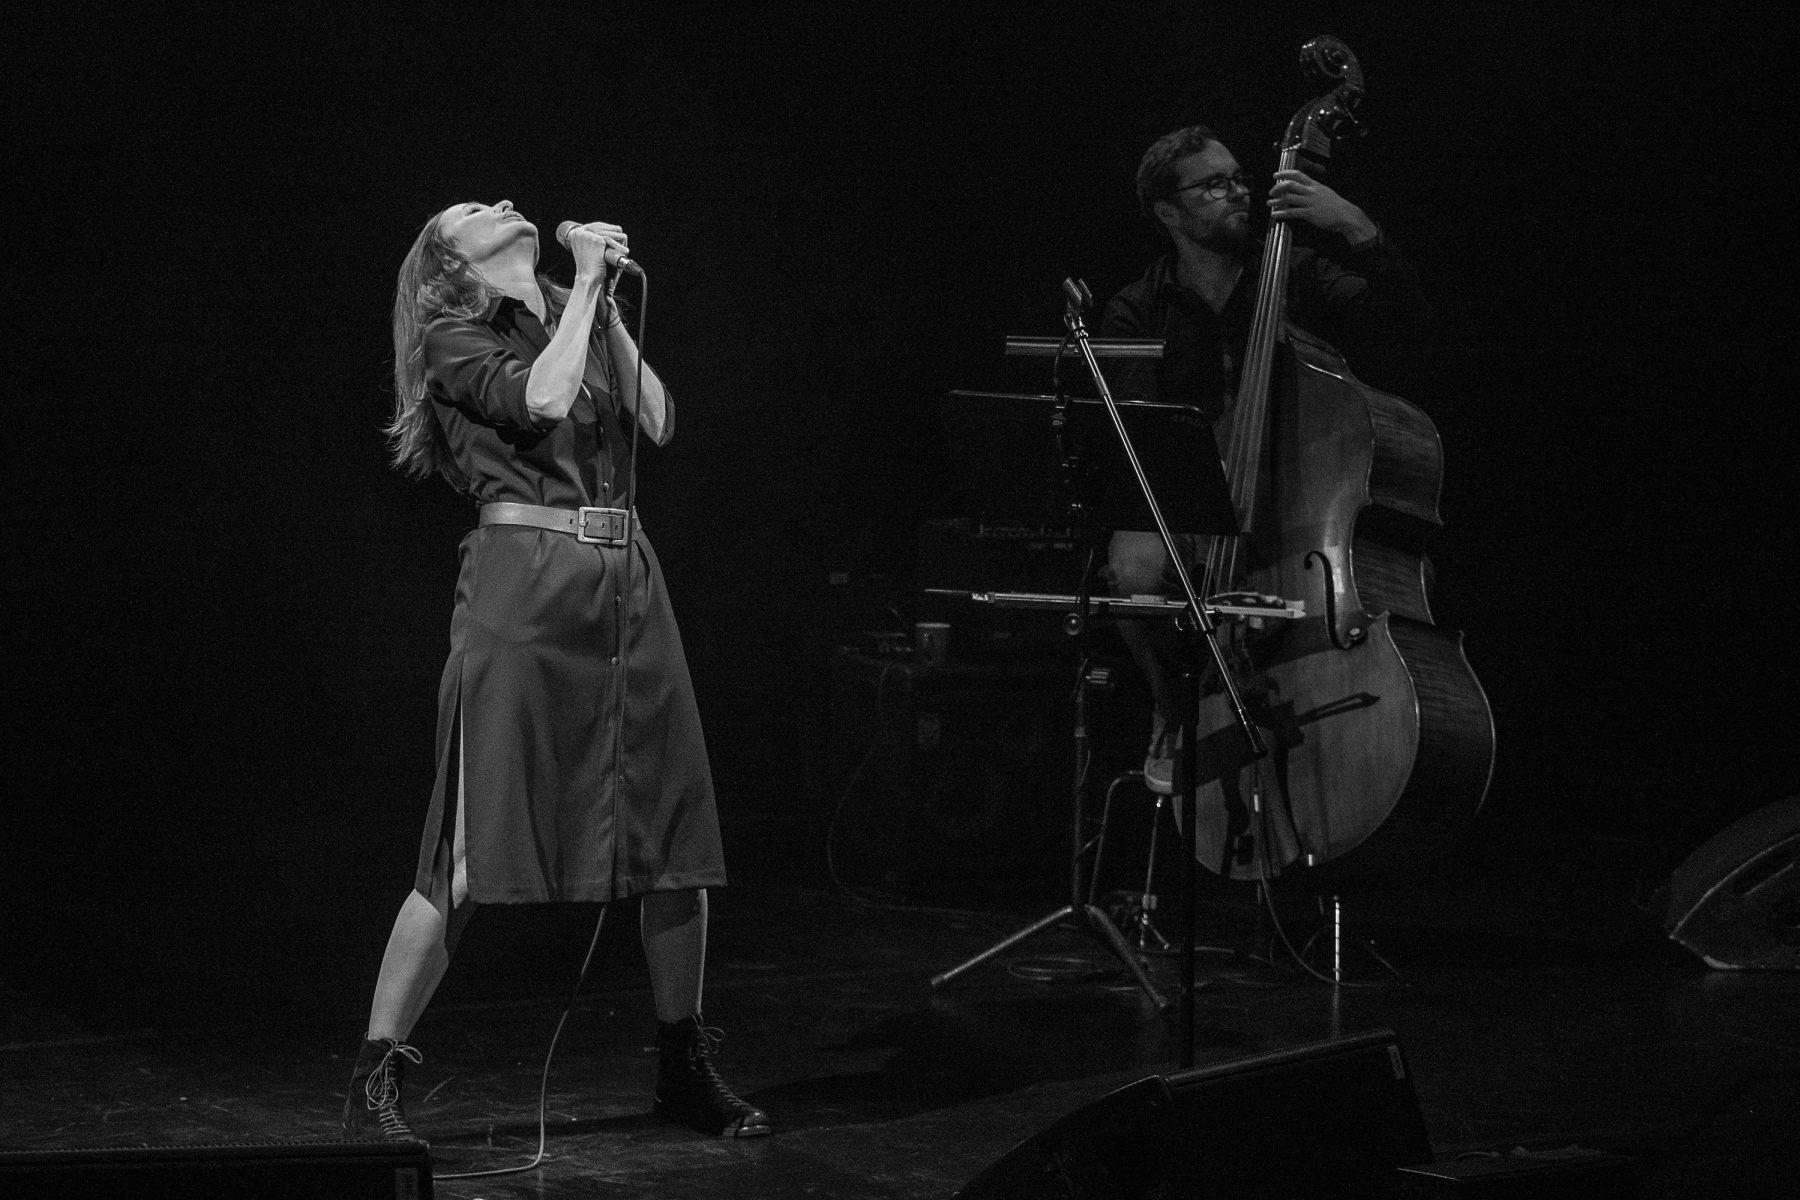 Monochromatyczne zdjęcie. Justyna Szafran trzyma oburącz mikrofon. Stoi w ekspresyjnej pozie z głową odchyloną do tyłu. W głębi sceny Jakub Olejnik gra na kontrabasie.